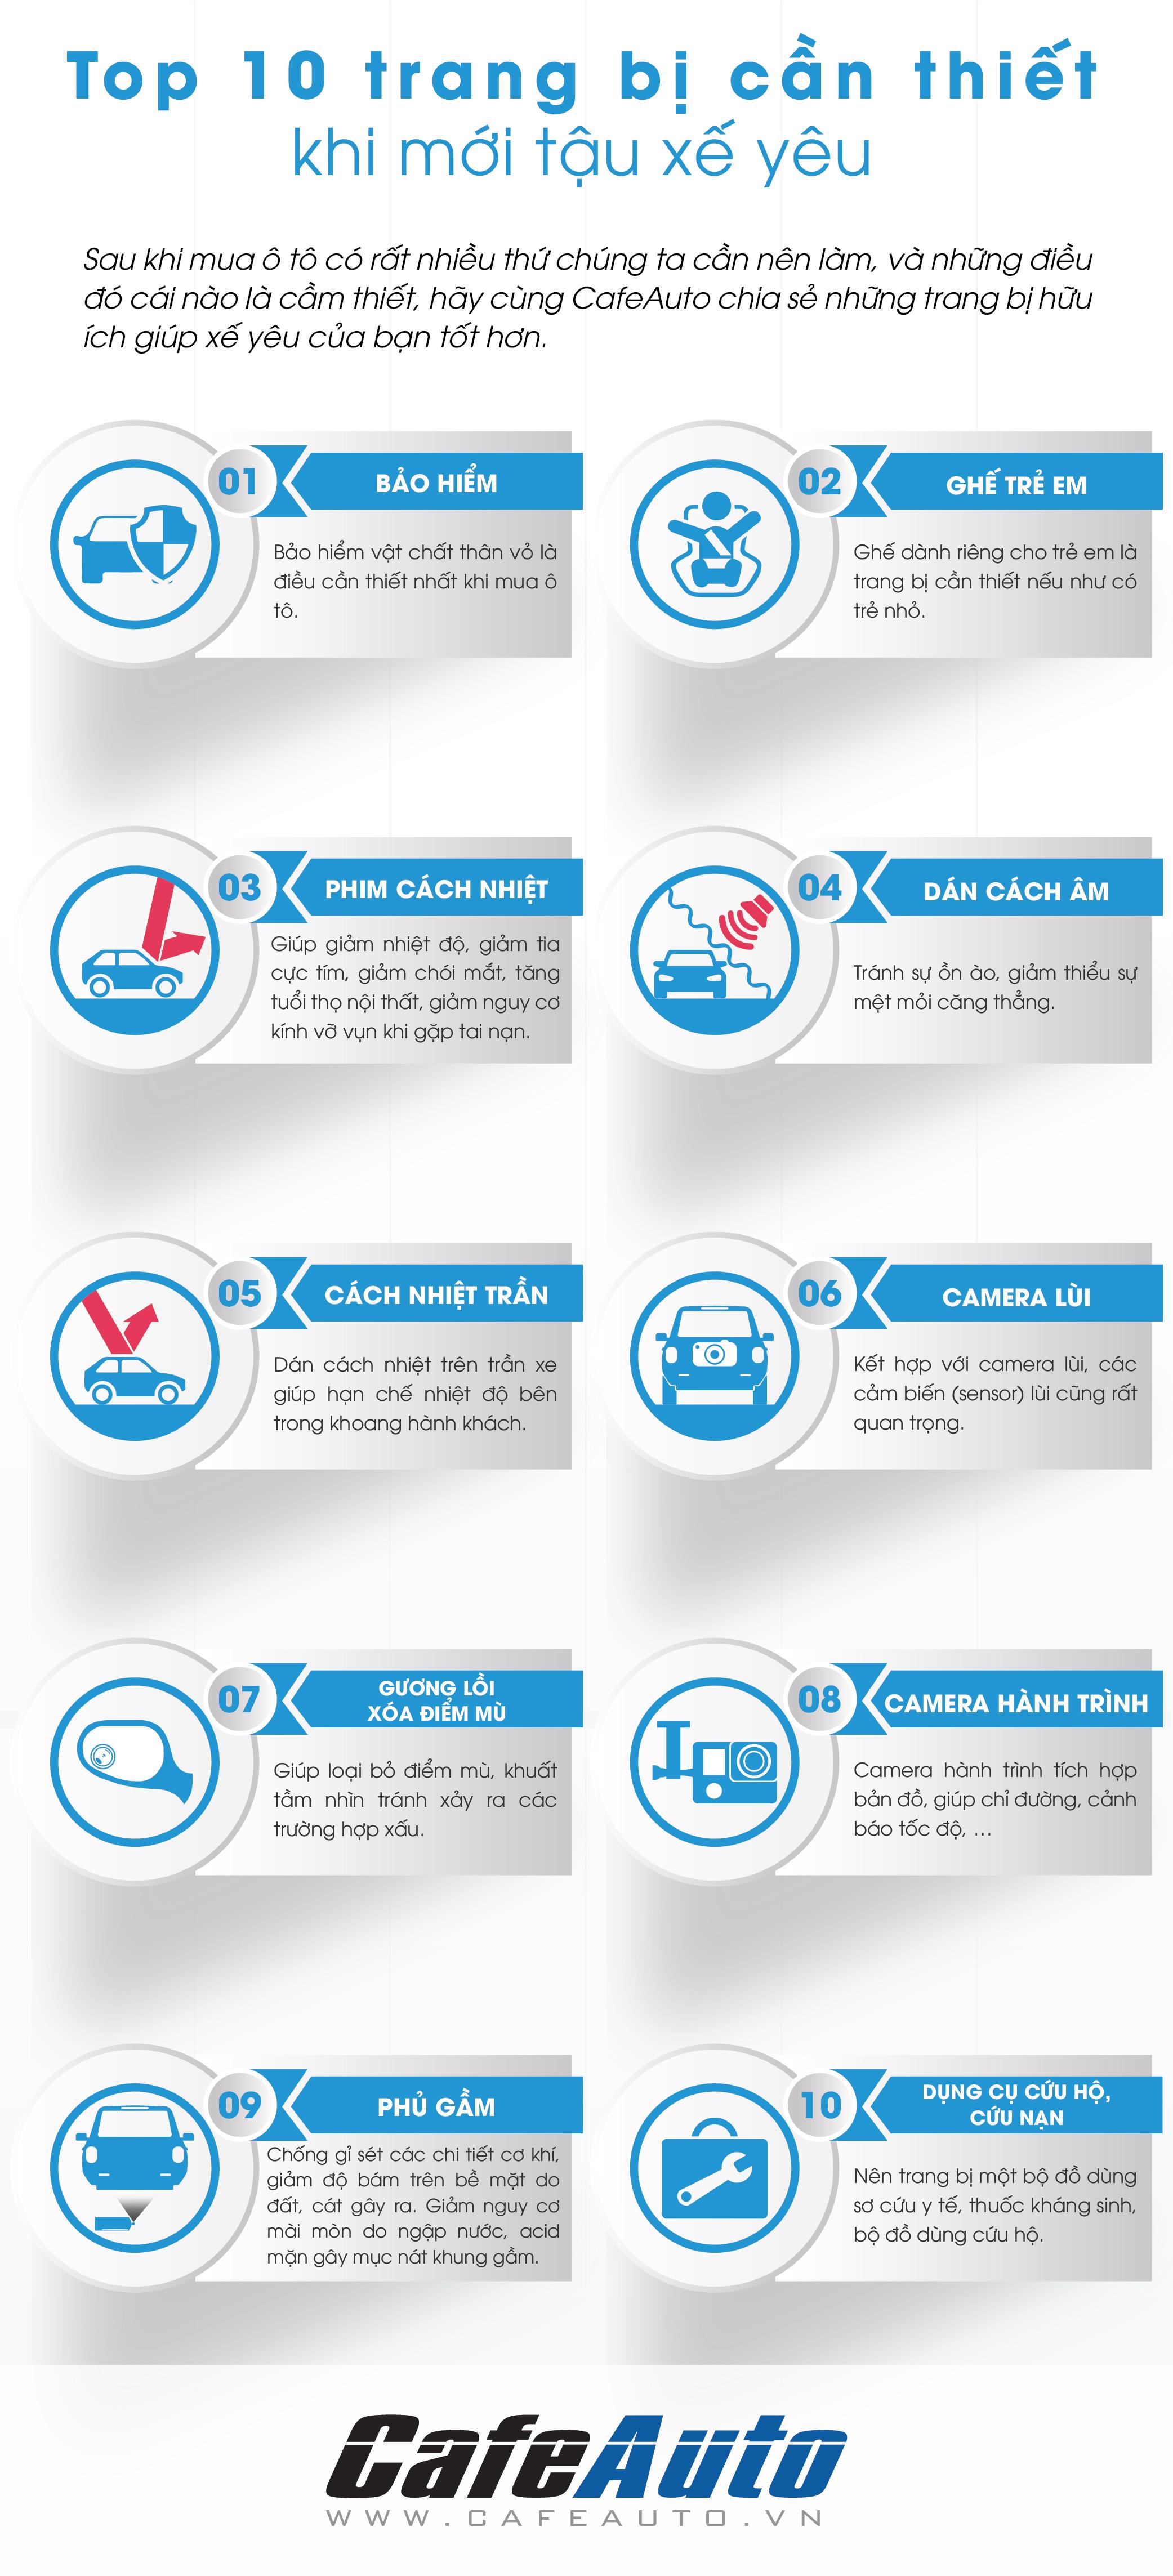 infographic-top-10-trang-bi-can-thiet-khi-moi-tau-xe-yeu